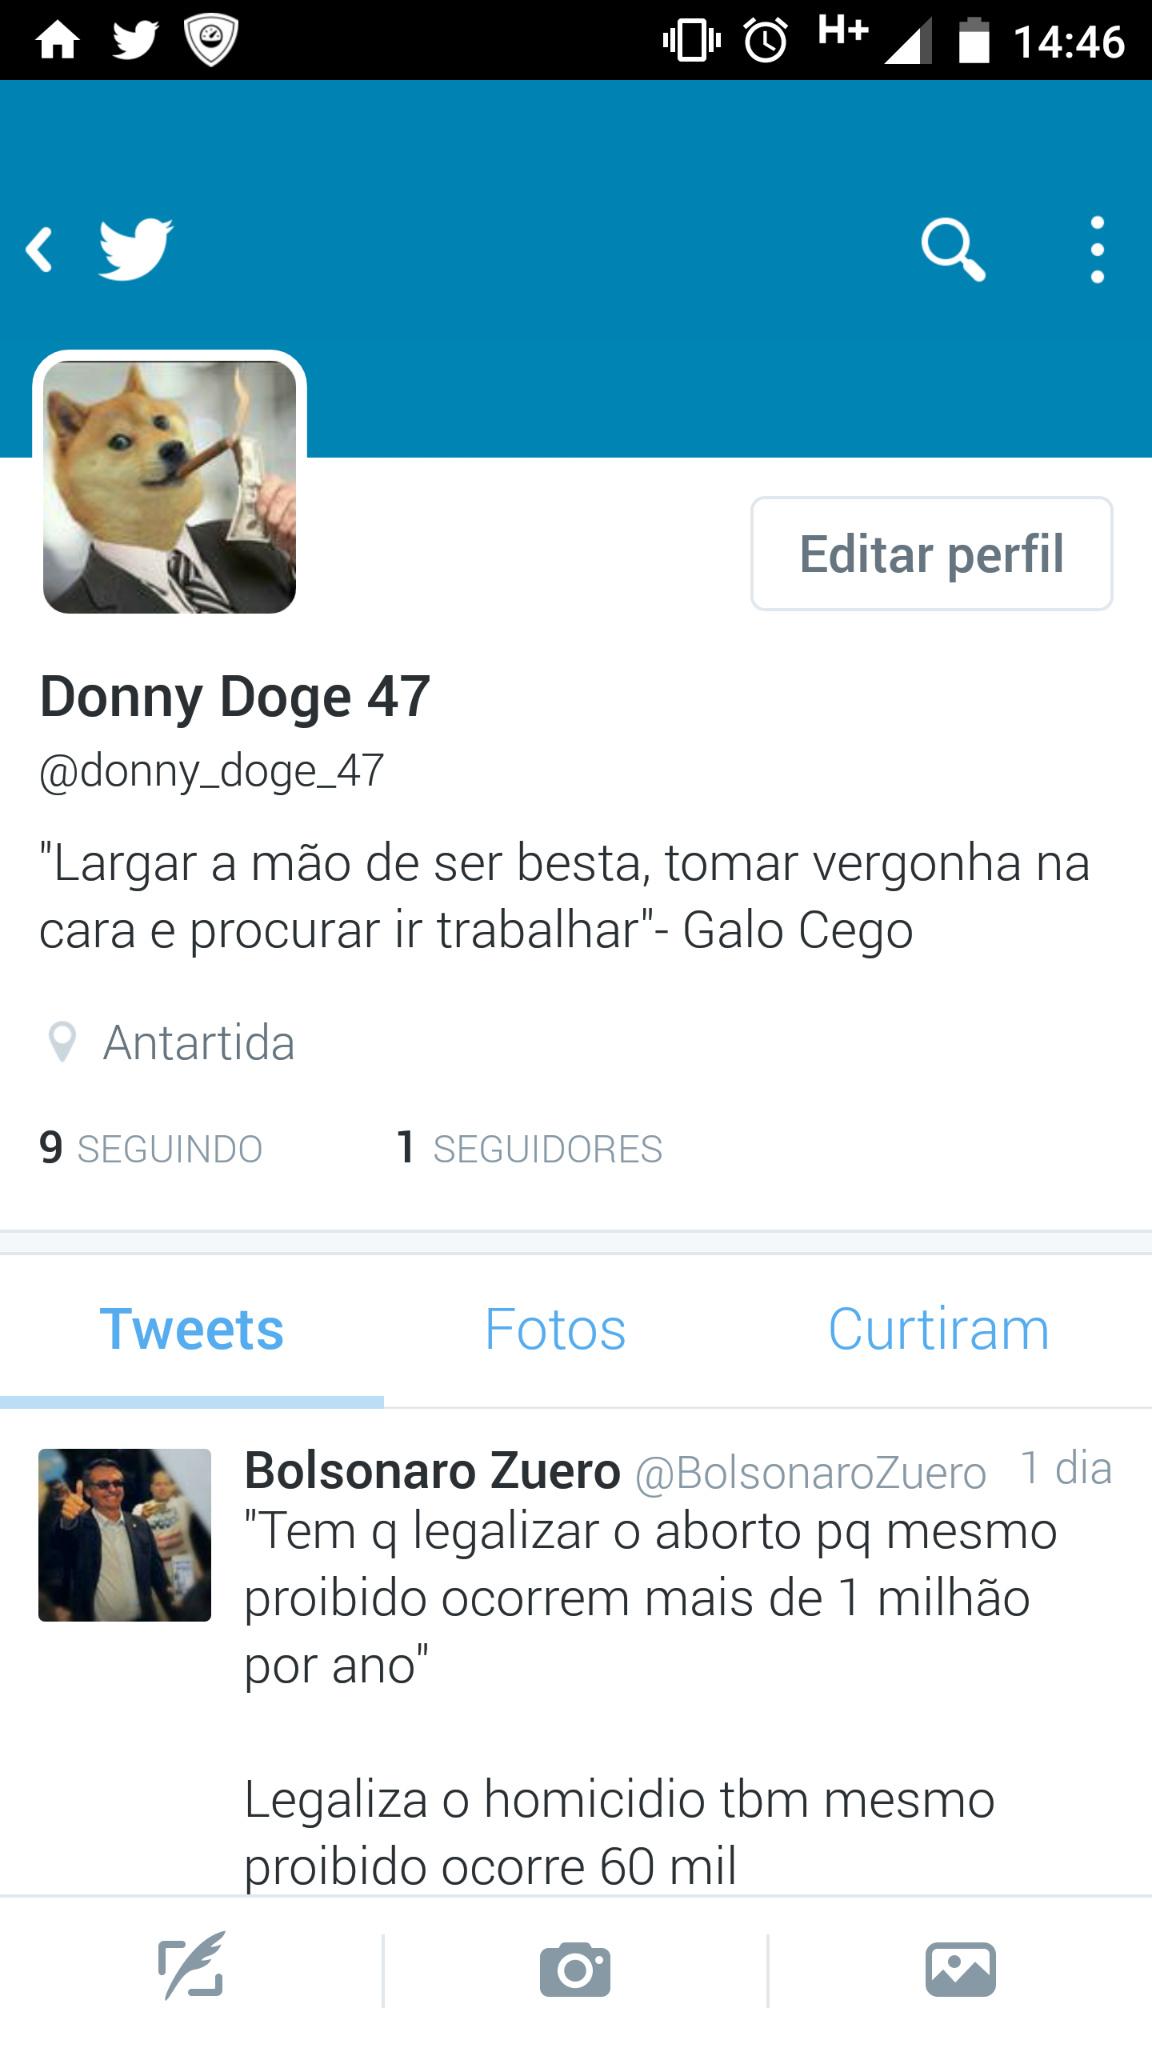 Siga me e siga o Bolsonaro Zuero - meme